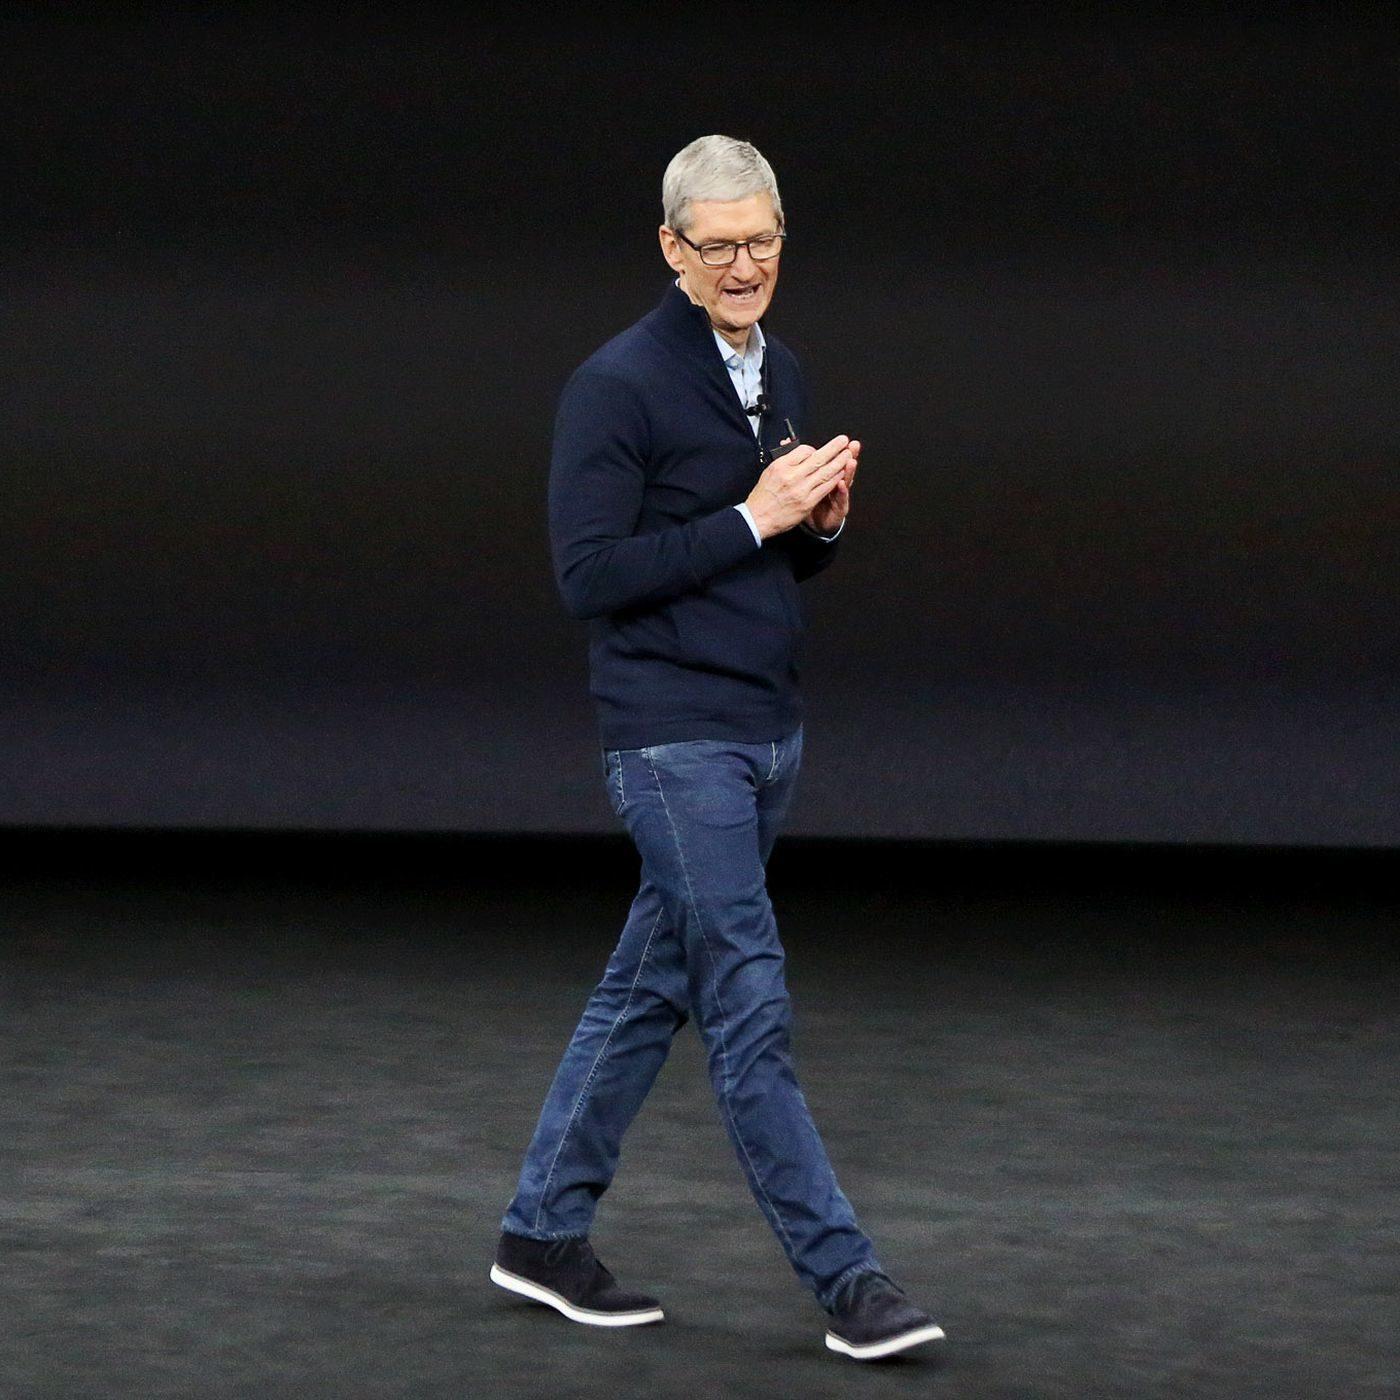 《紐約時報》:蘋果向中國低頭 有「台獨」即被禁、iPhone打「台灣」閃退